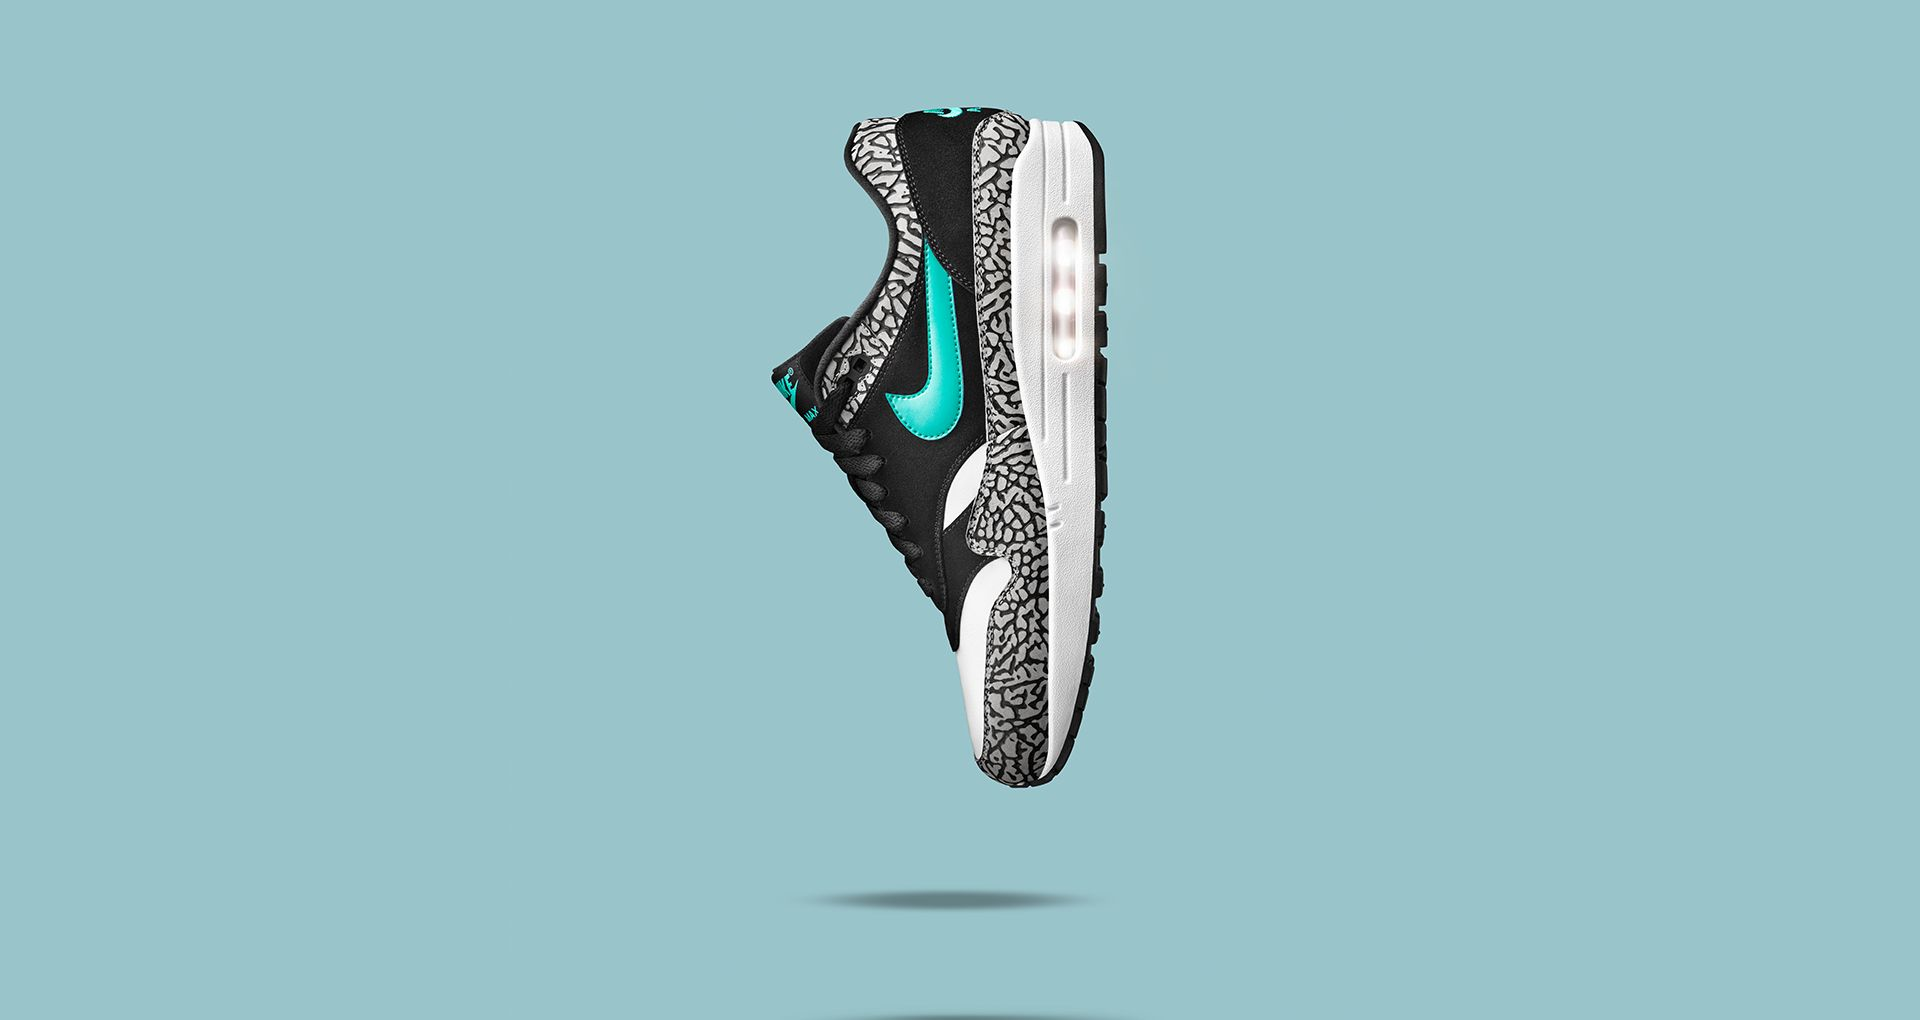 Nike Air Max 1 Retro 'Atmos'. Nike SNKRS